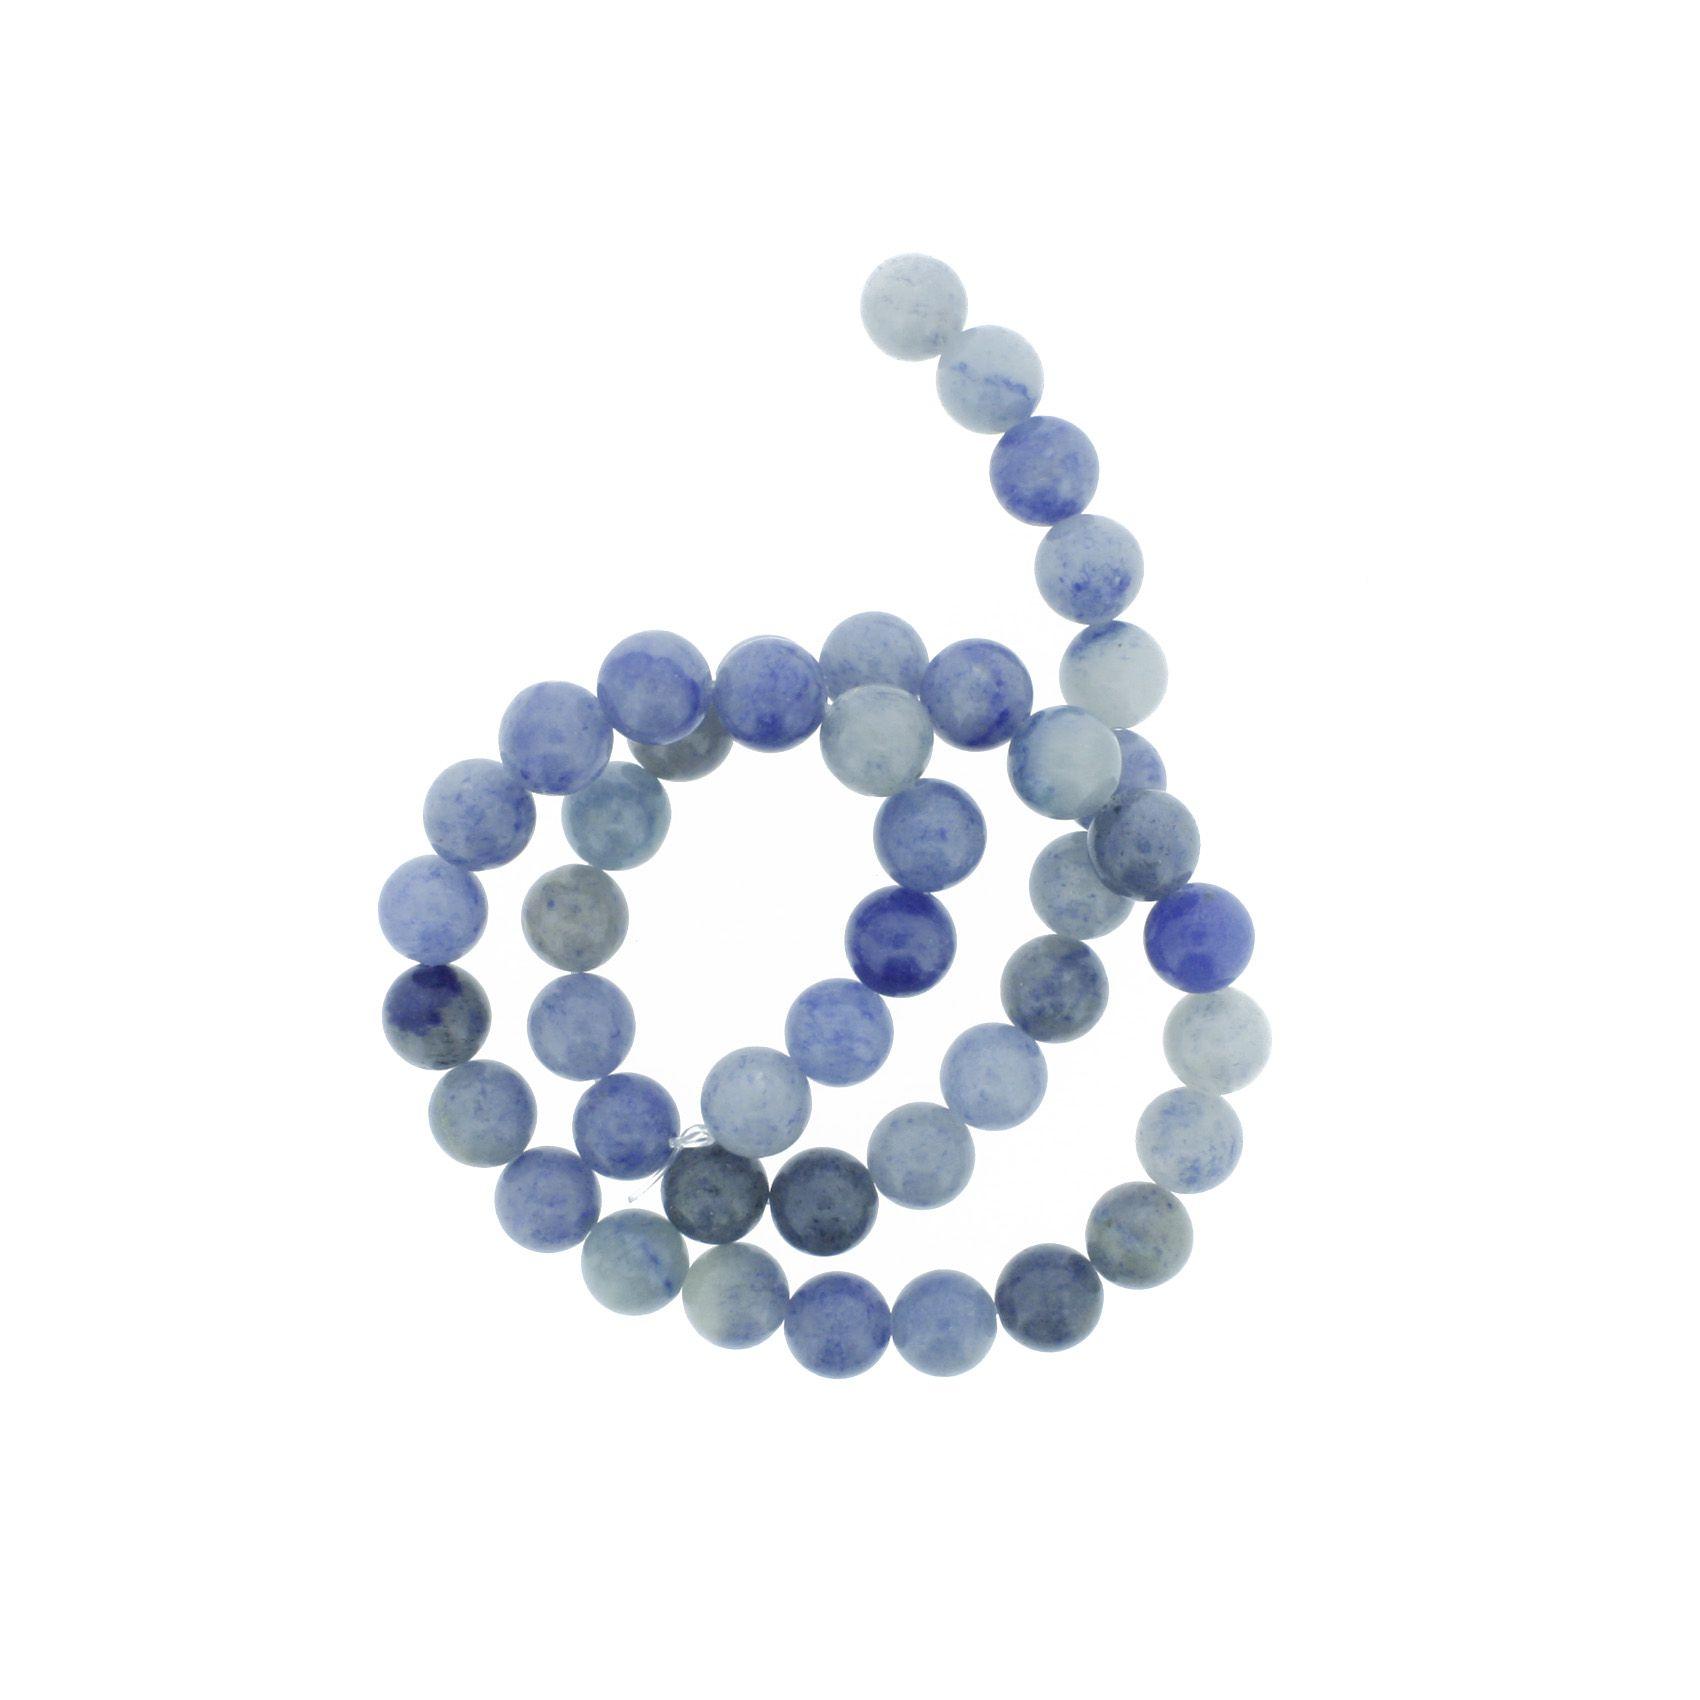 Fio de Pedra - Sodalita - 8mm  - Stéphanie Bijoux® - Peças para Bijuterias e Artesanato